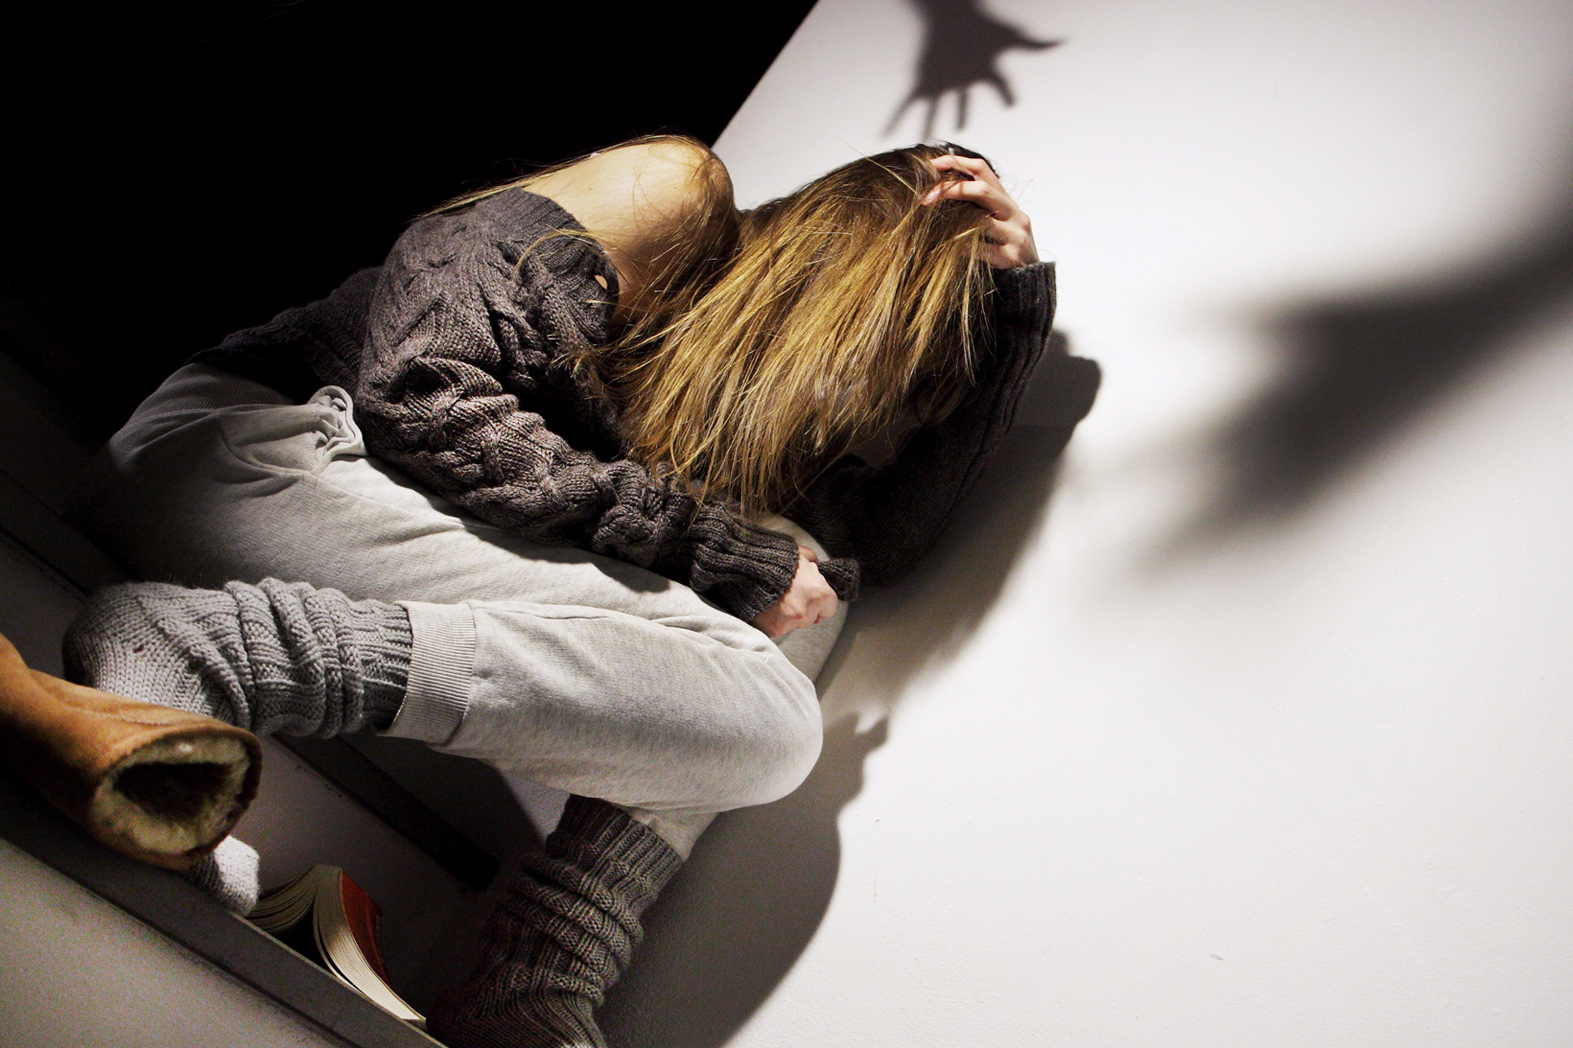 Violenza sessuale a Marechiaro, aggressori chiedono perdono